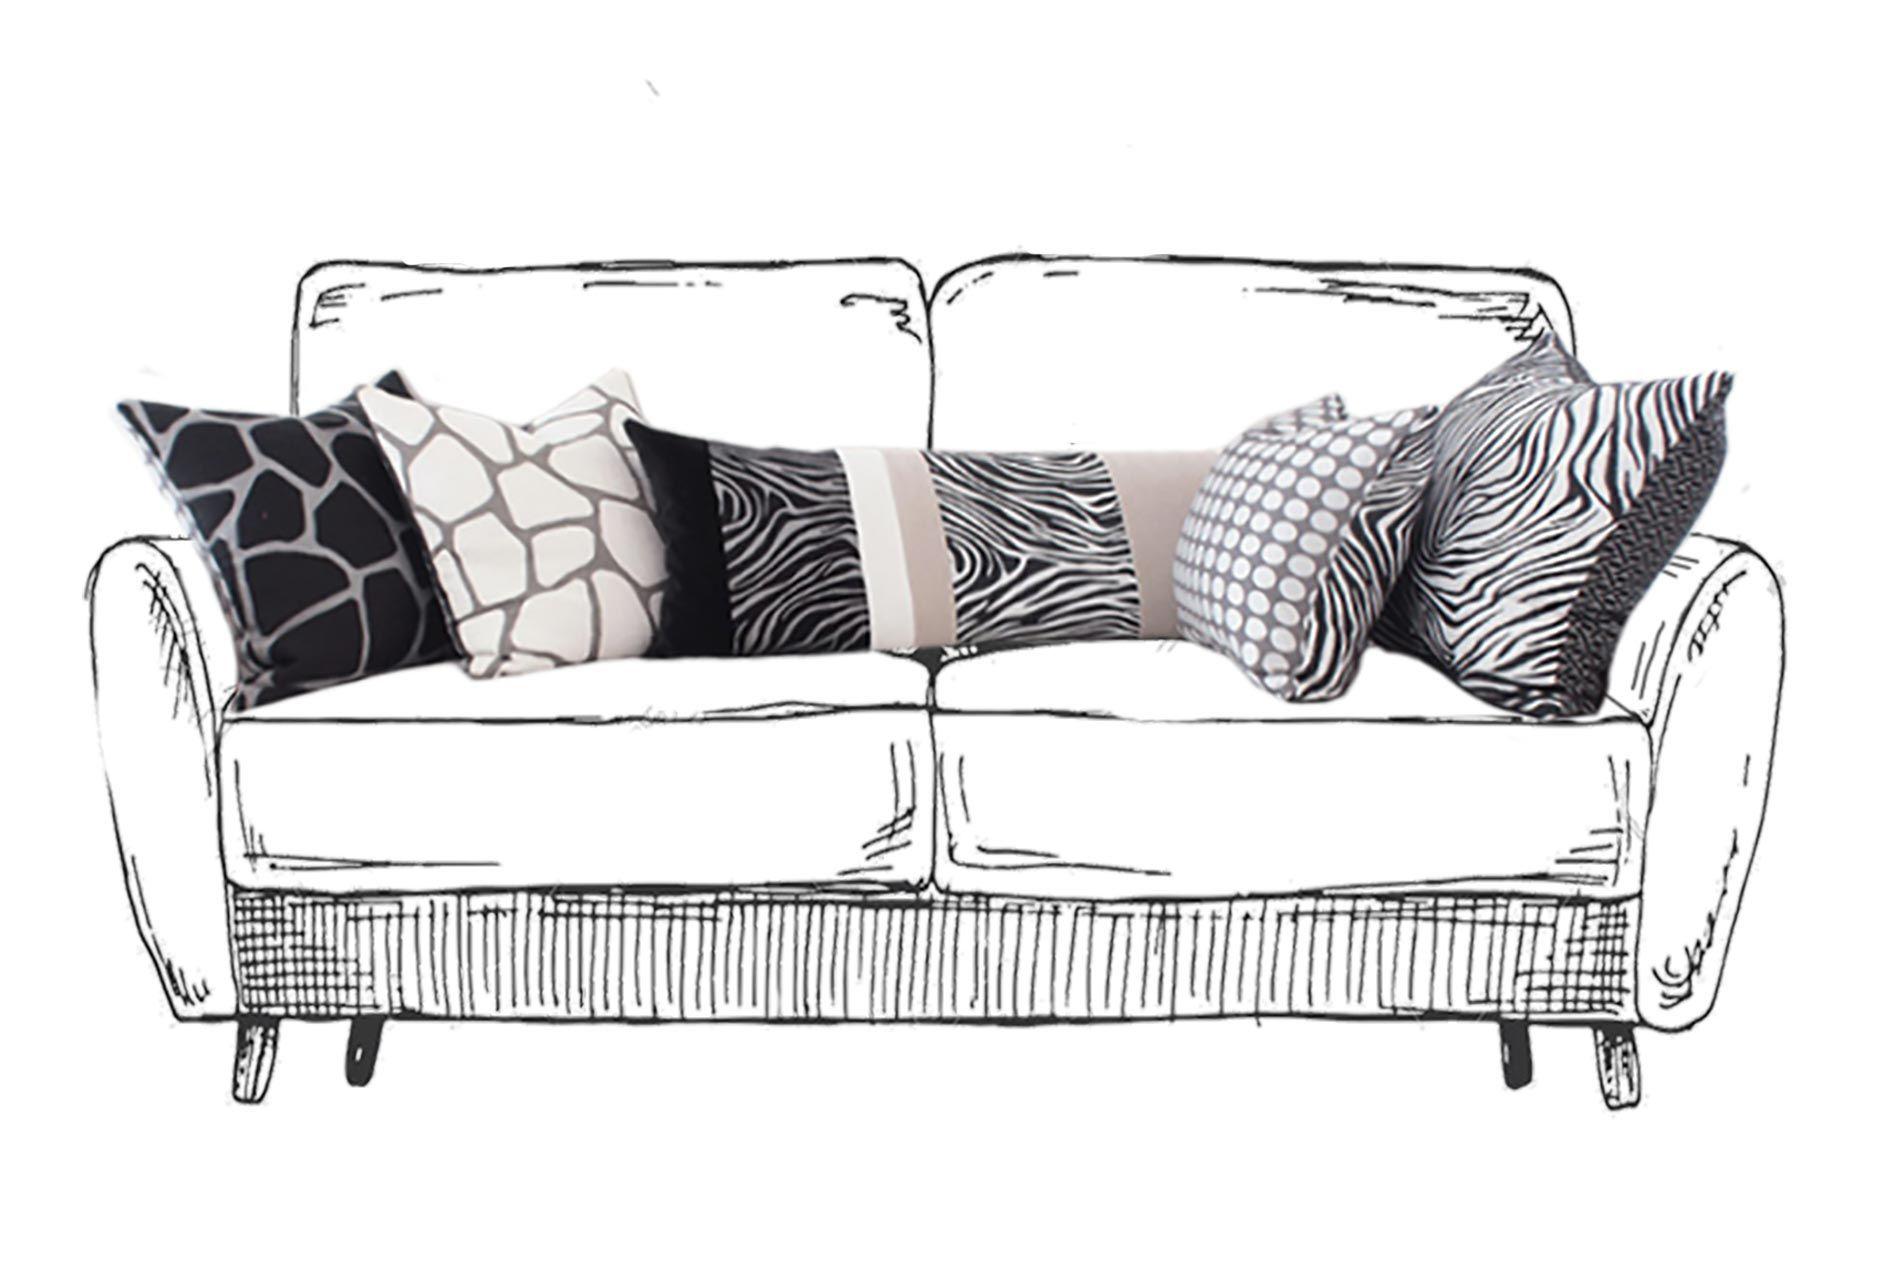 Cuscini Sul Divano.Cuscini Come Disporre I Cuscini Sul Divano Sofa Interior Design